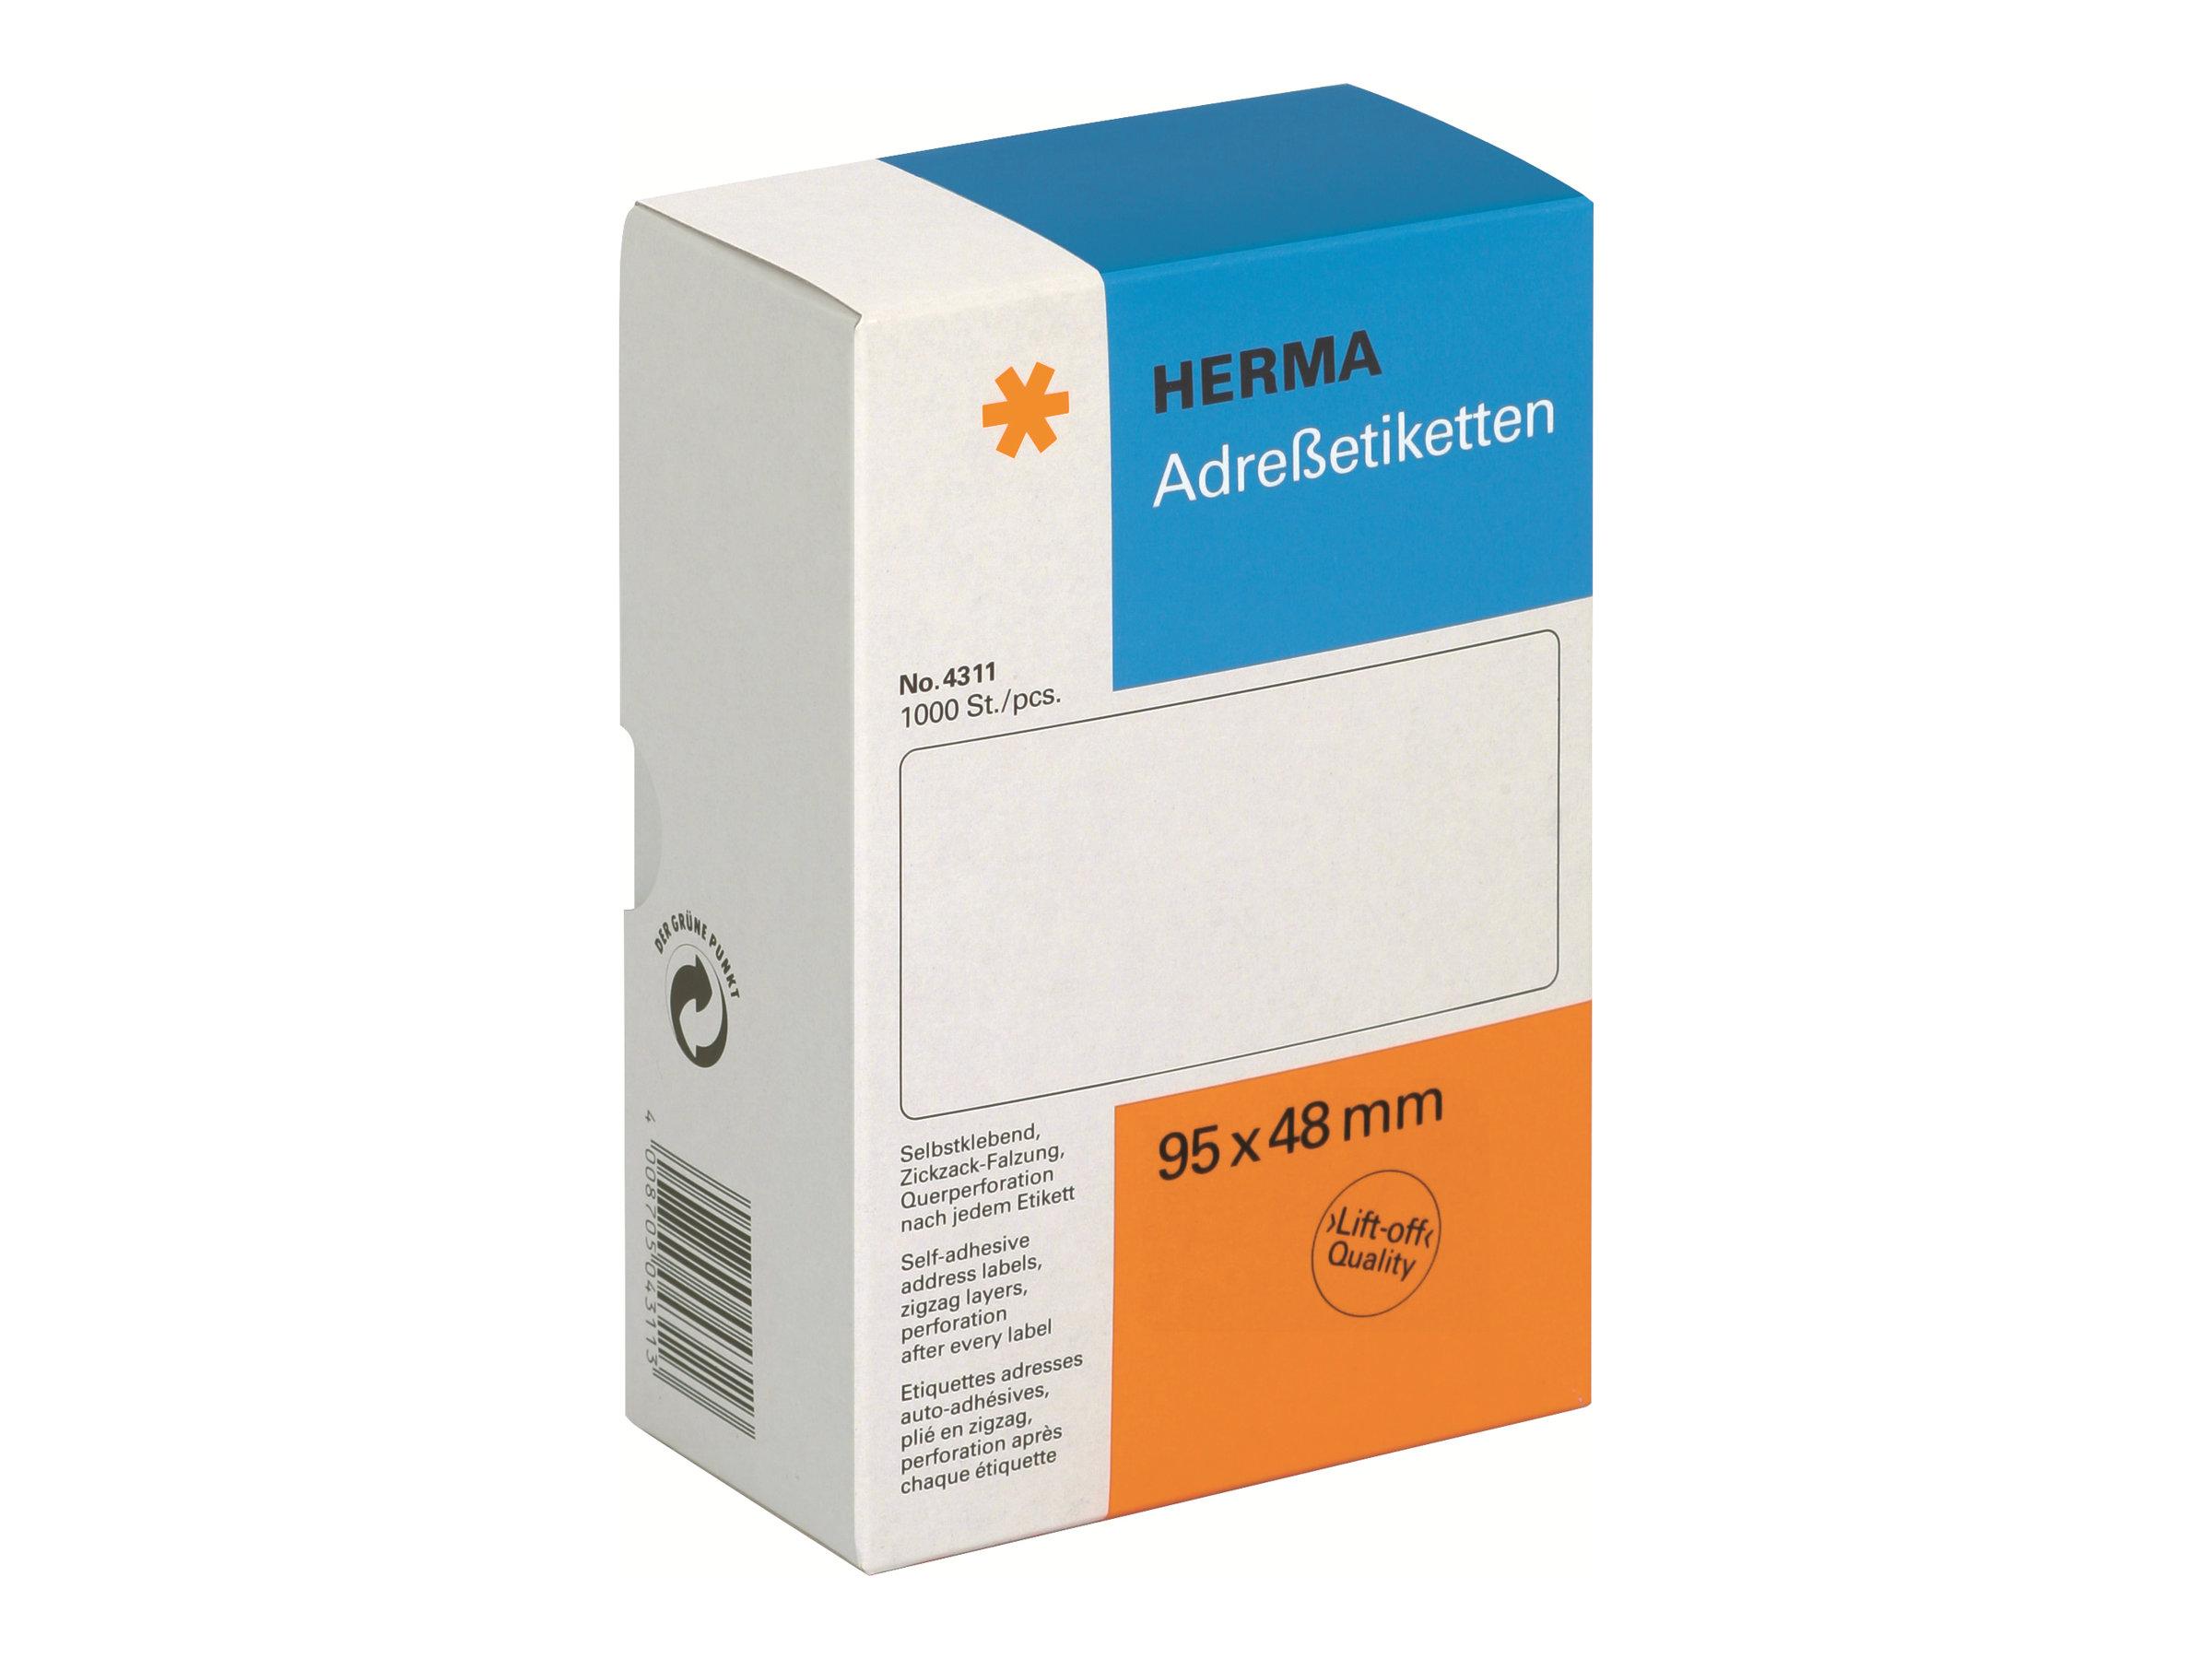 HERMA Weiß - 48 x 95 mm 1000 Etikett(en) leporellogefaltete, perforierte Endlosadressetiketten